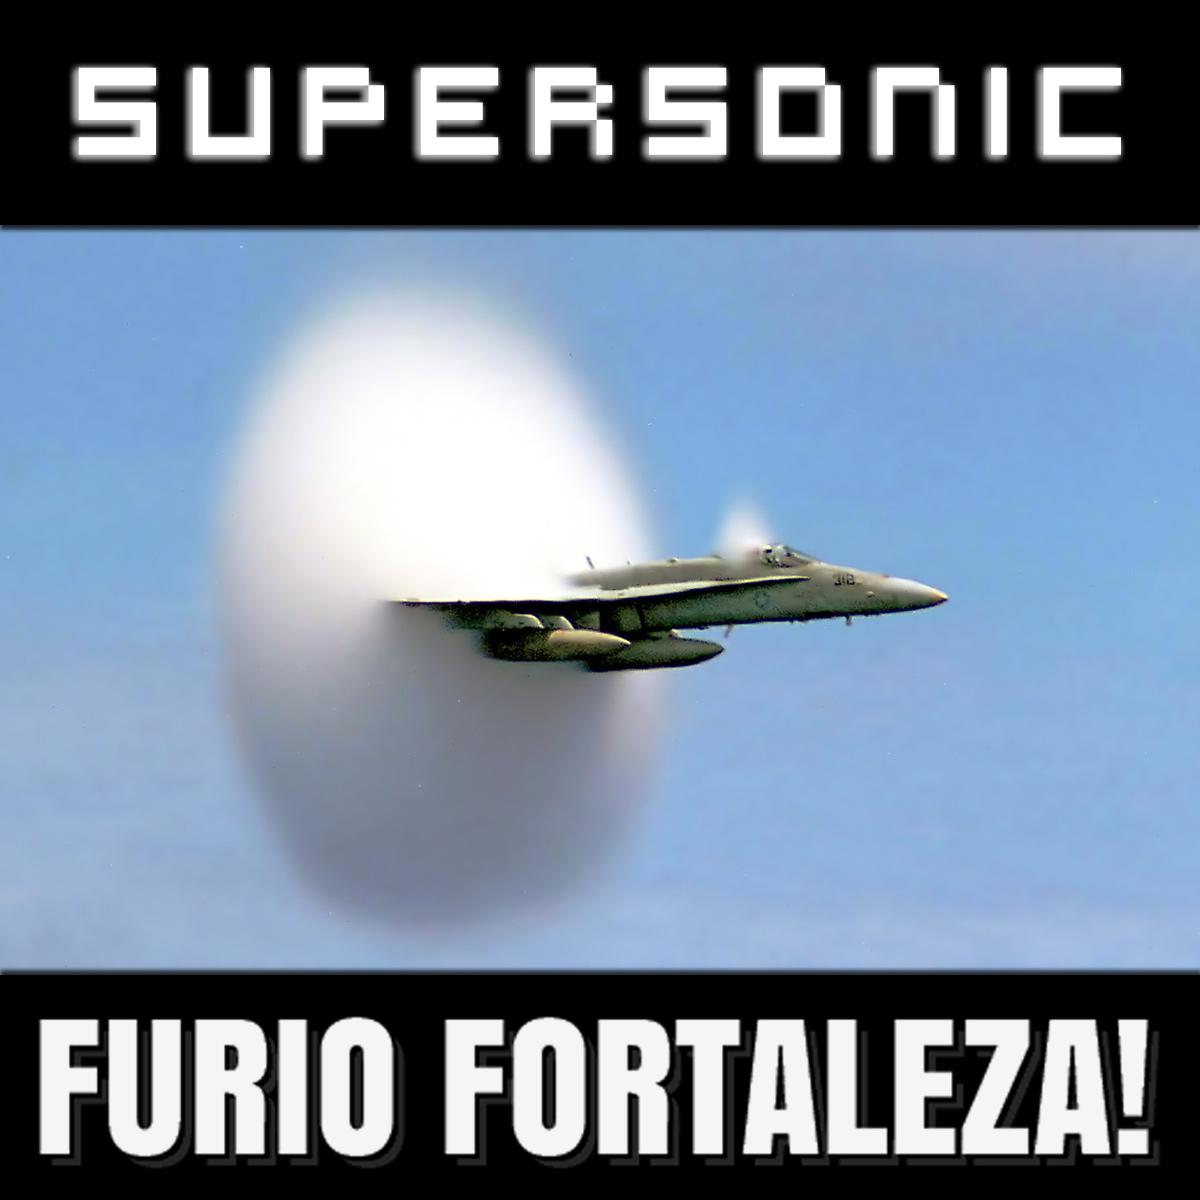 Furio Fortaleza! - 3.5 - Supersonic